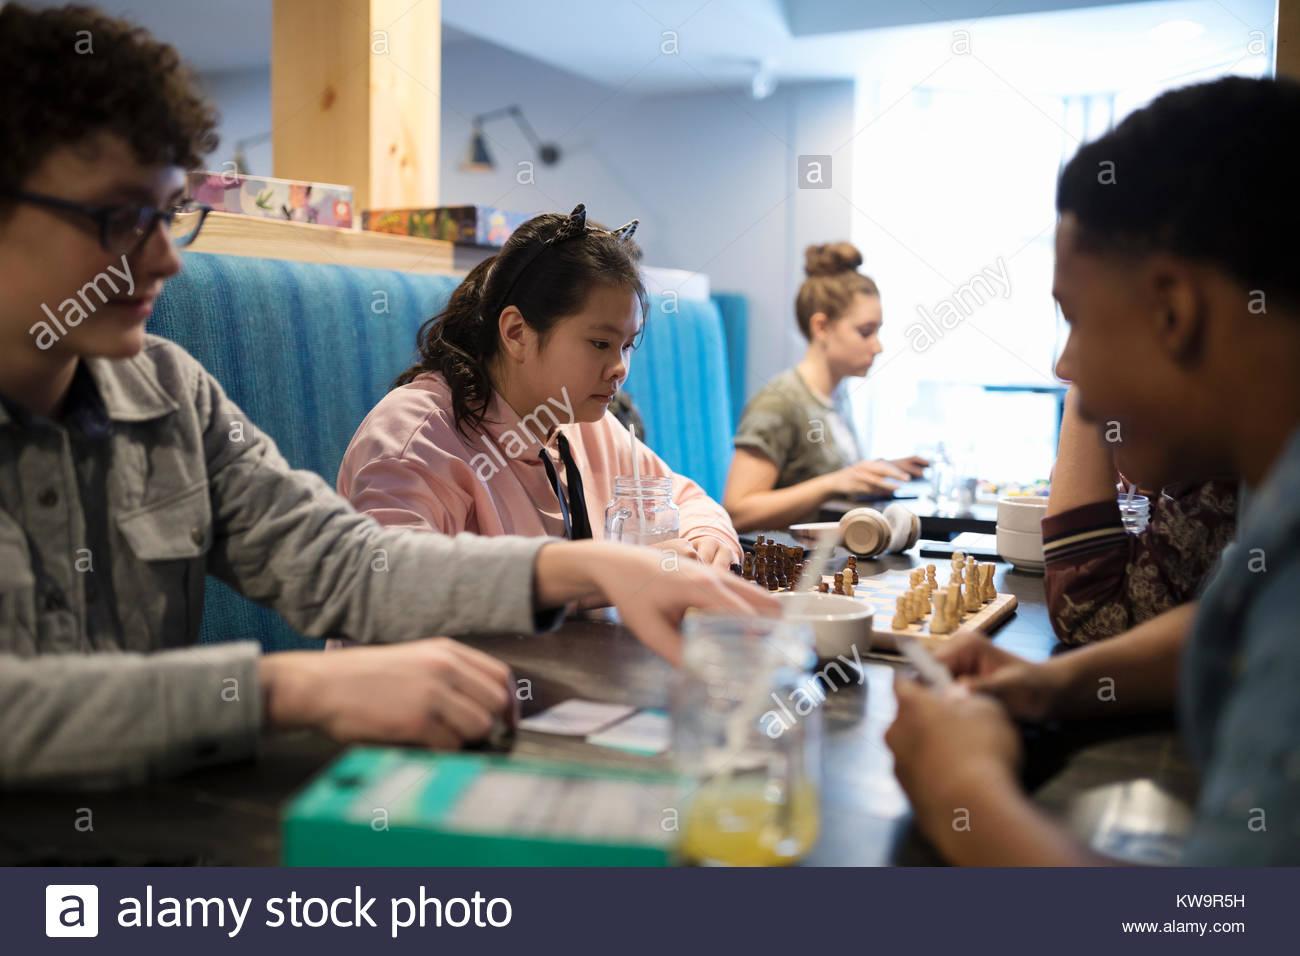 Focalizzato Asian tween girl giocando a scacchi con un amico al tavolo del bar Immagini Stock